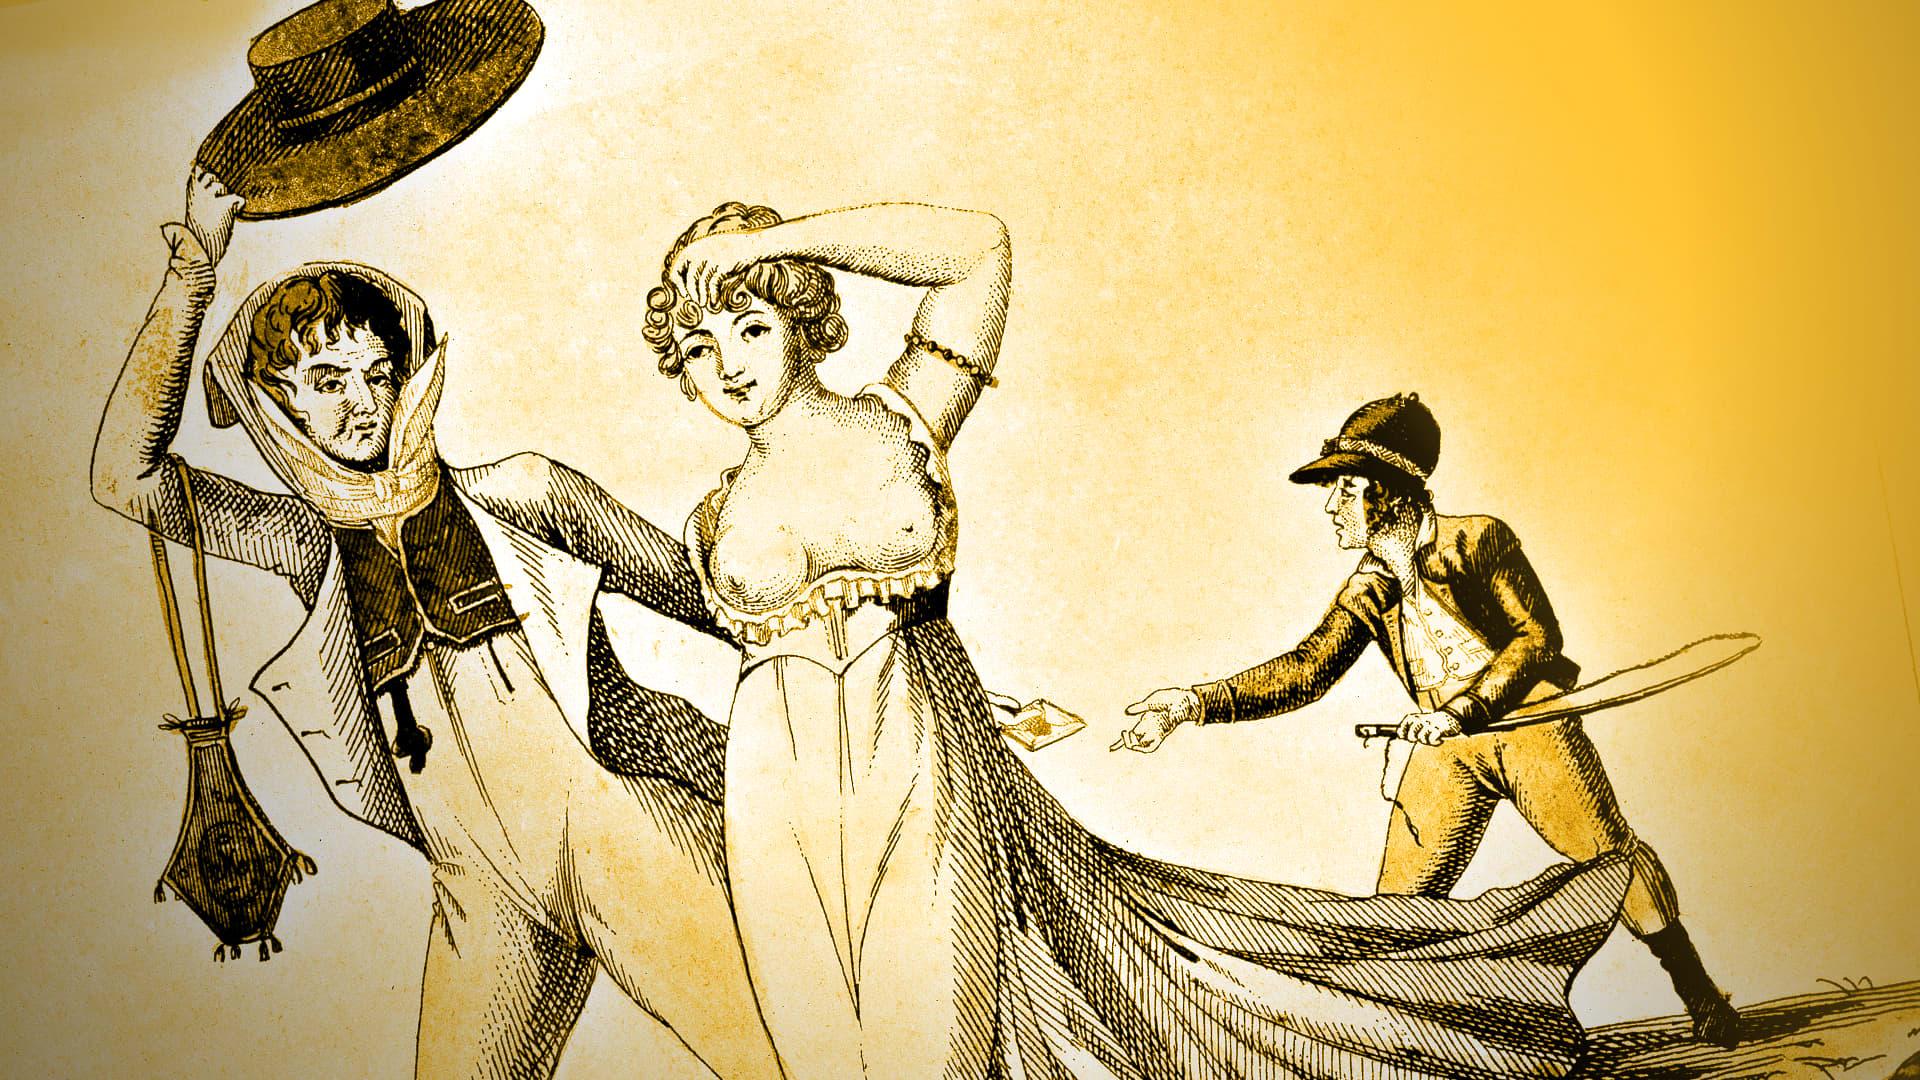 Köyhyys ajoi seksityöhön 1800-luvun Turussa